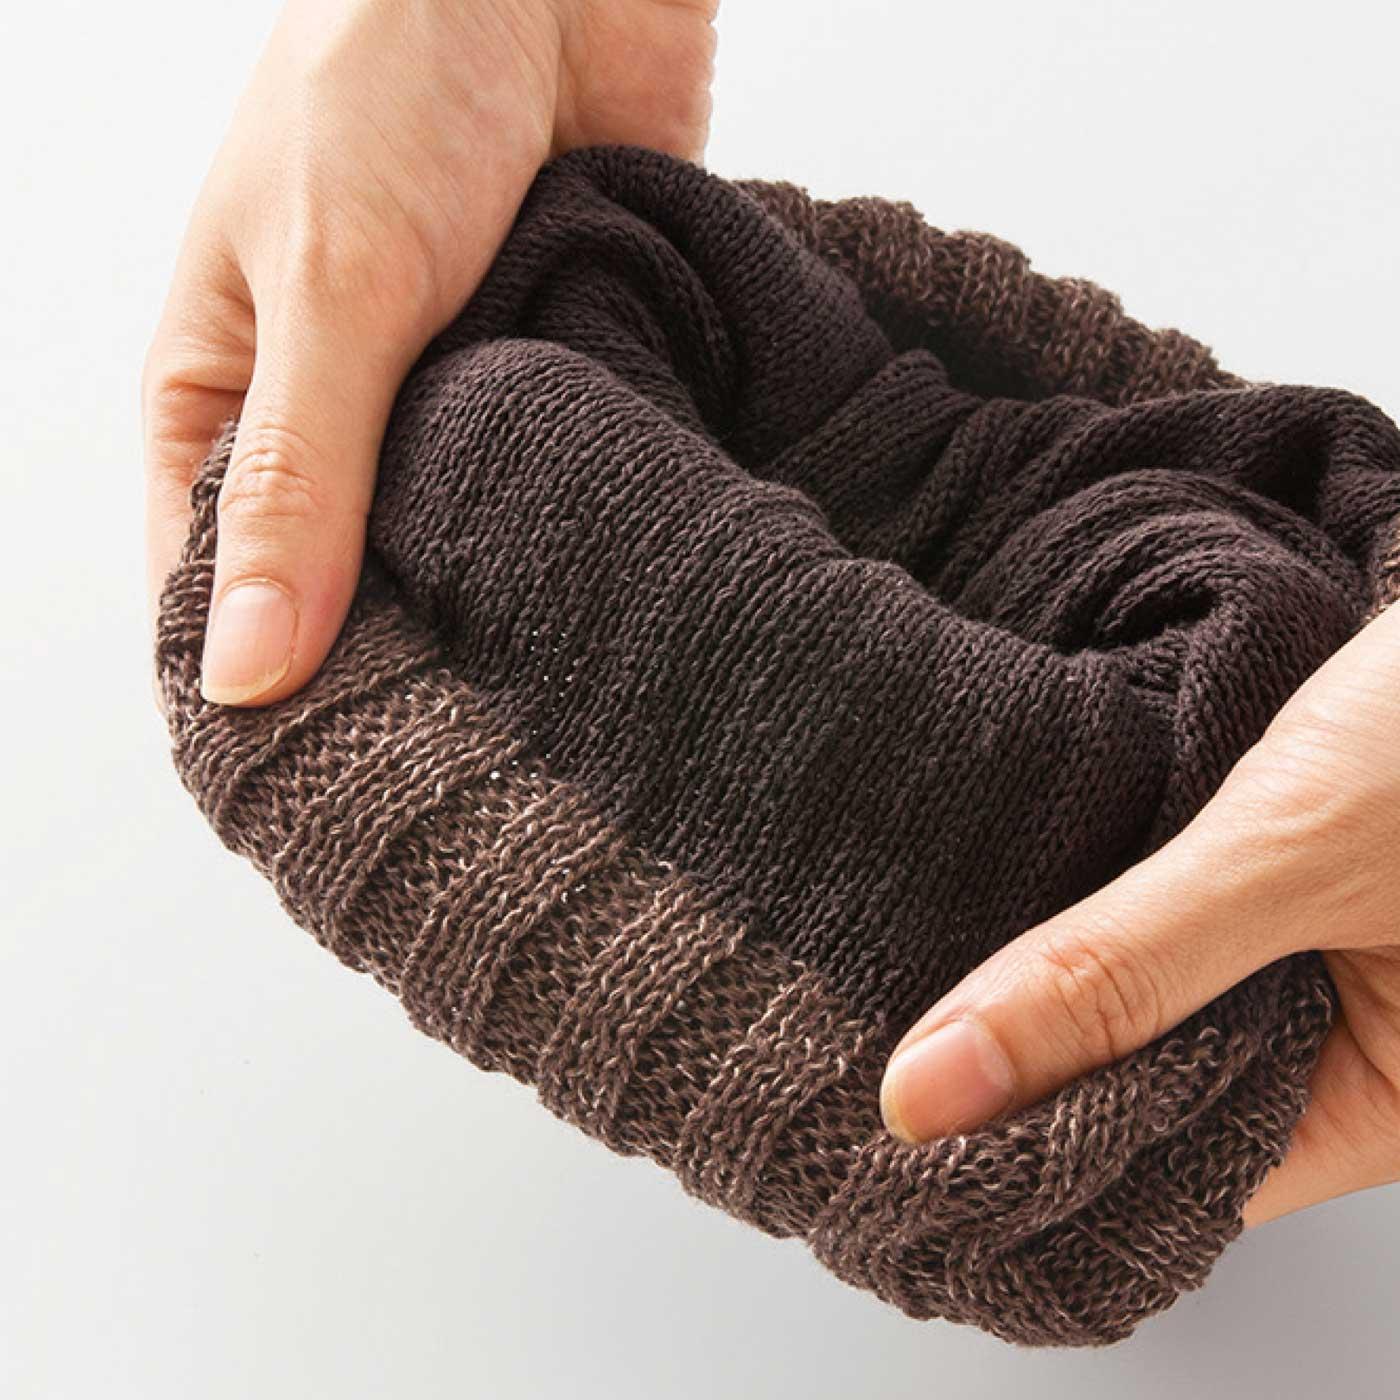 外側は起毛感をおさえた滑らかなニュージーランド産のウールを使用。内側がシルク素材だから、おでこへの肌当たりも◎。